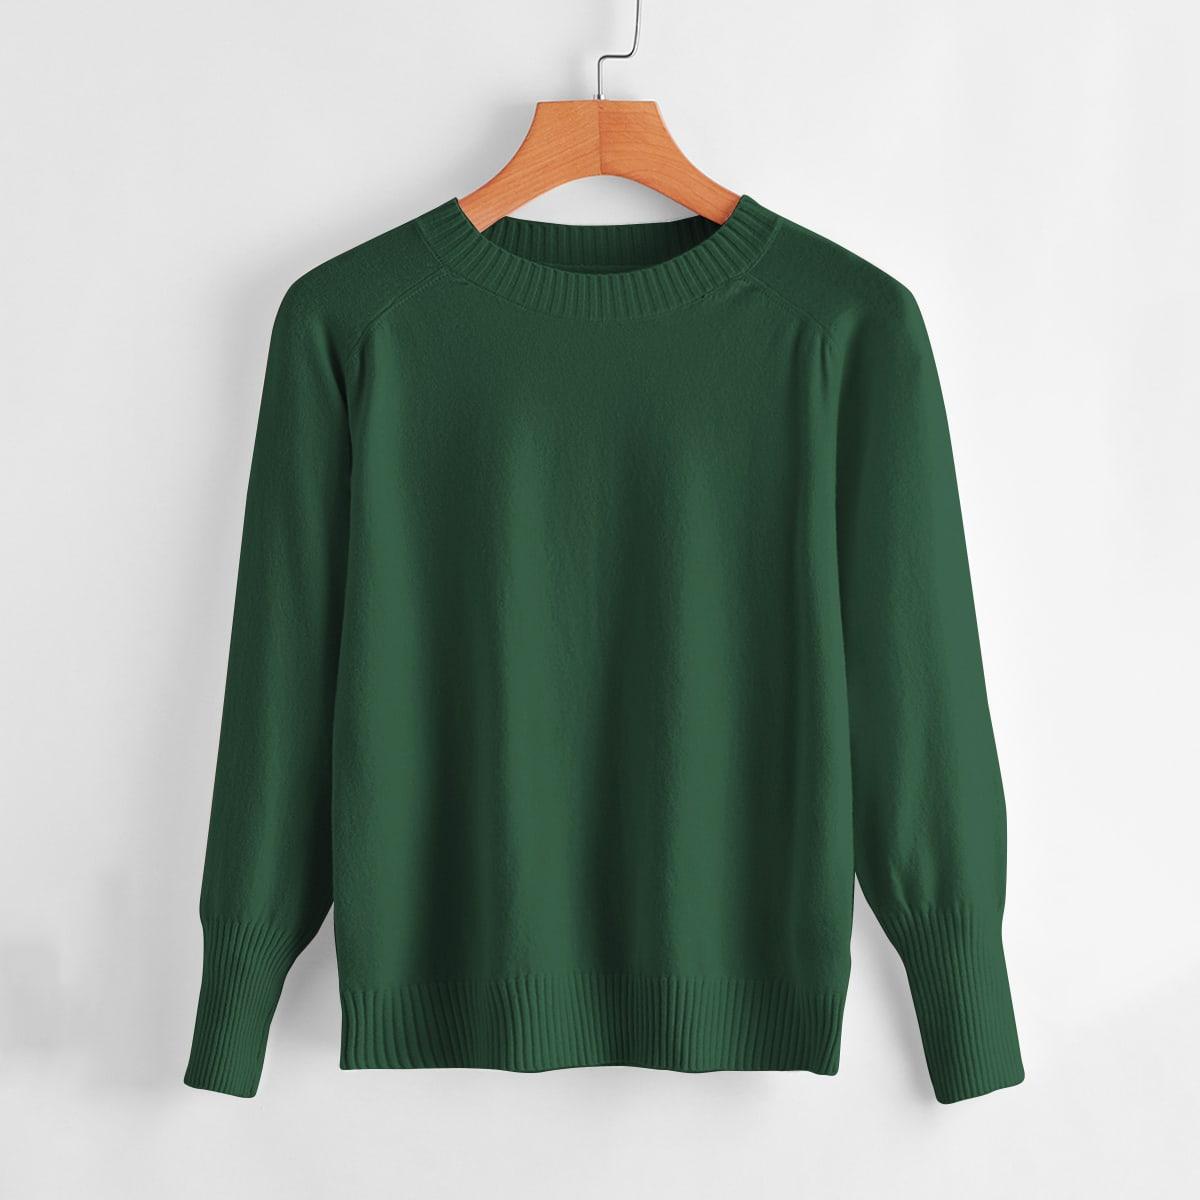 Однотонный свитер с рукавом реглан